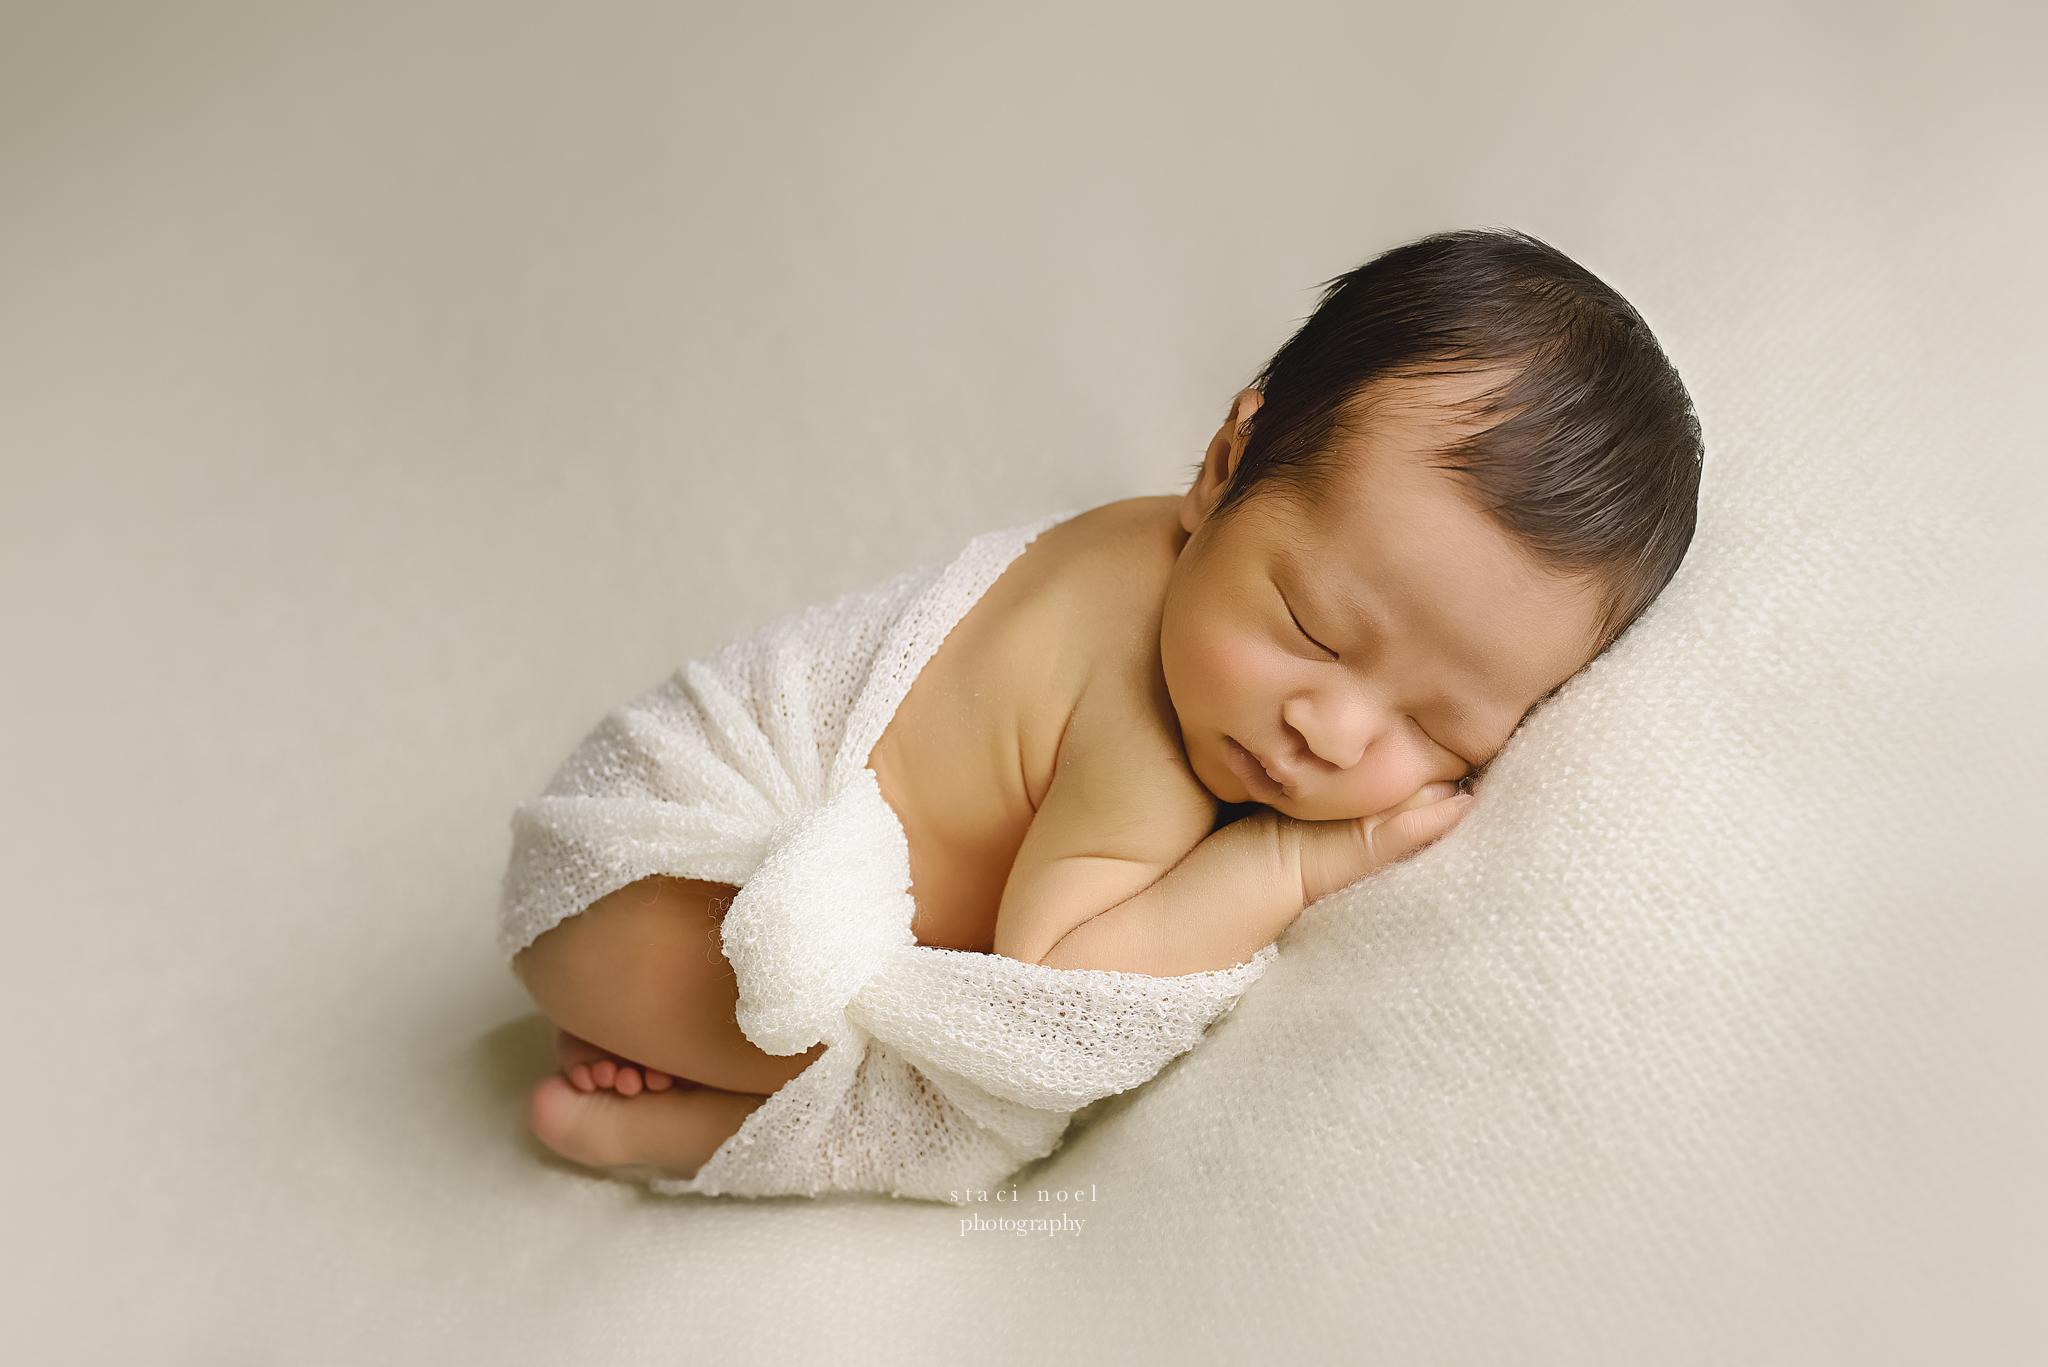 charlottephotographer.staci noel.newborn.baby.4-2.jpg